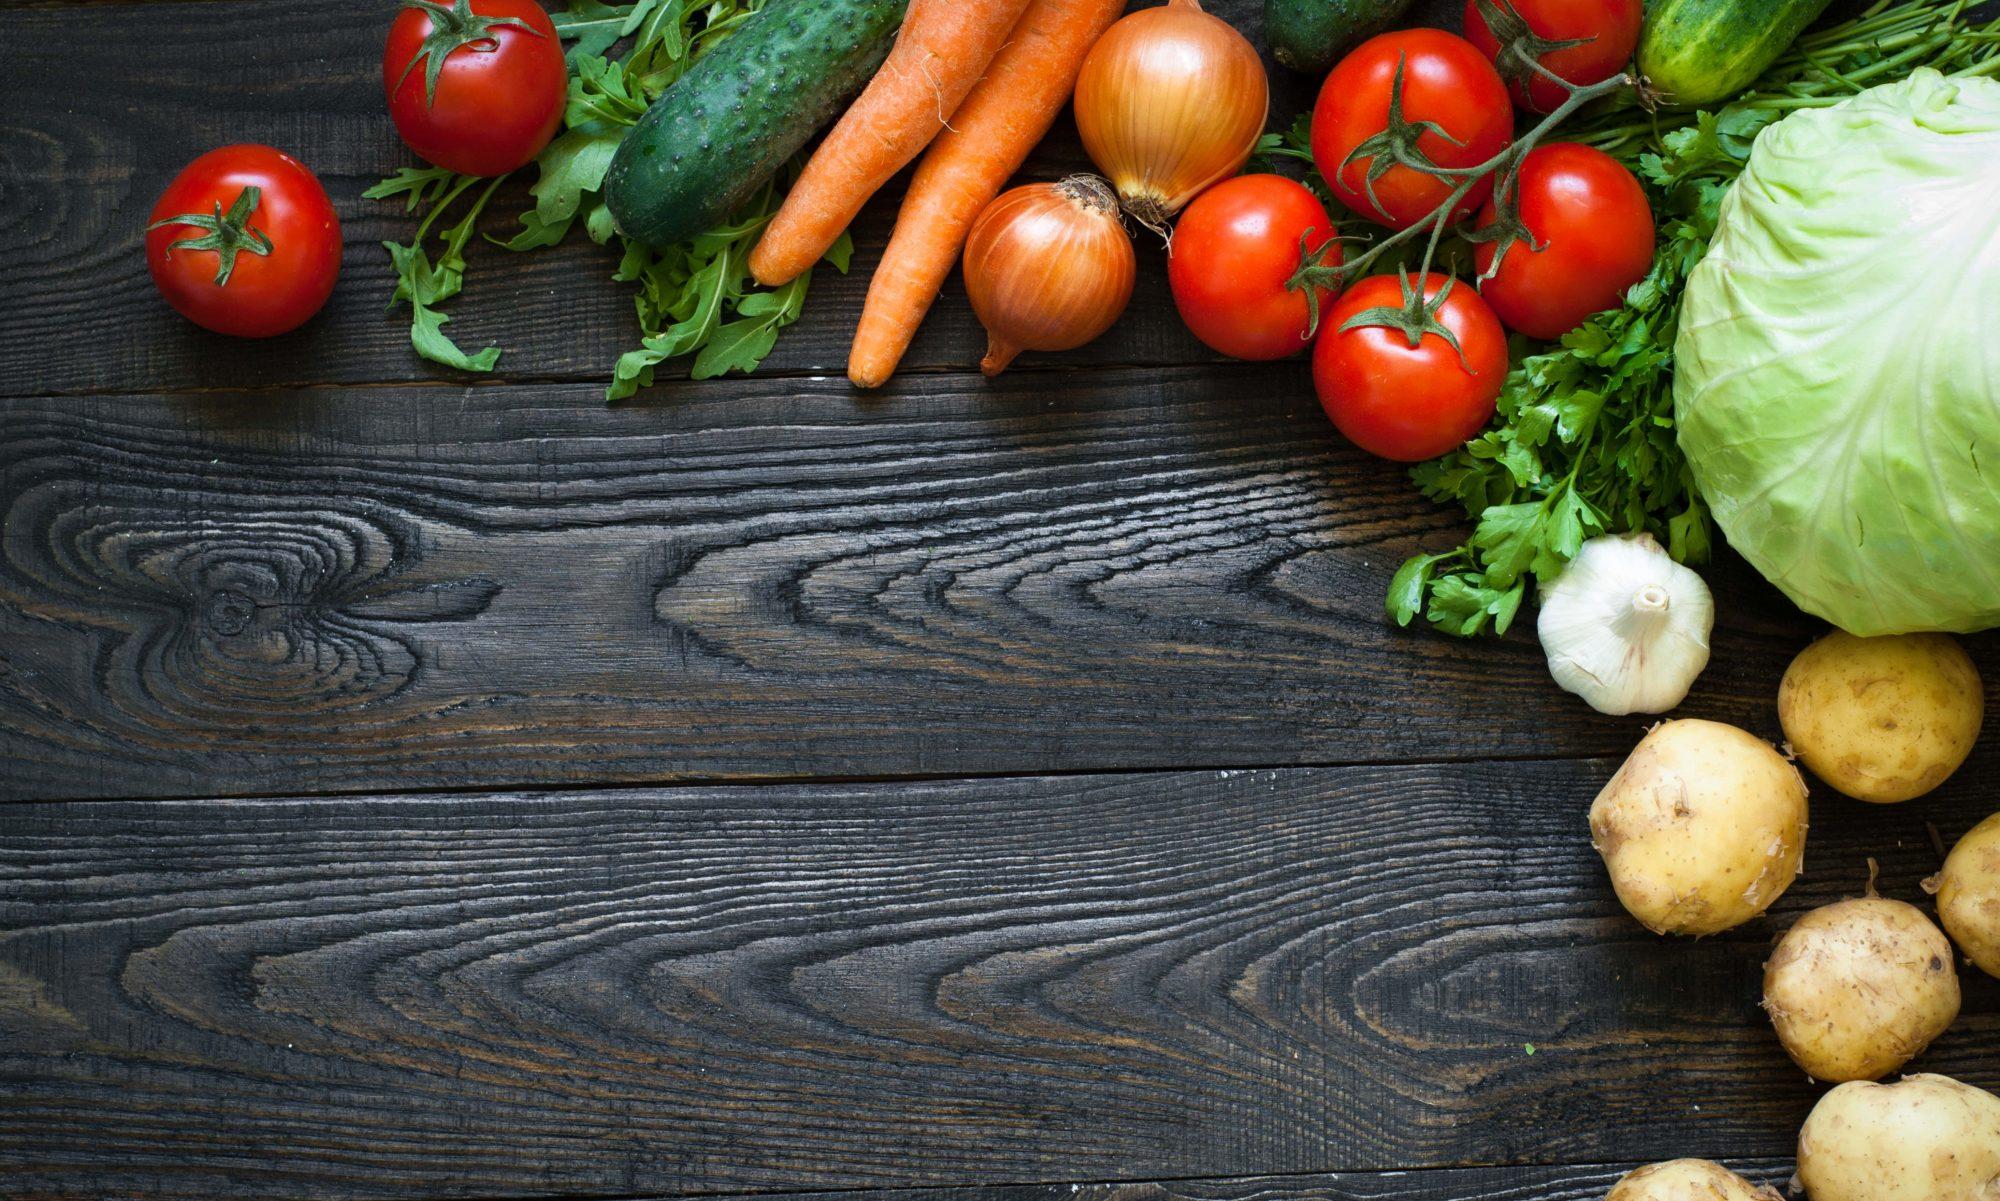 Ilmastokestävyys keittiössä / Climate Sustainability in the Kitchen